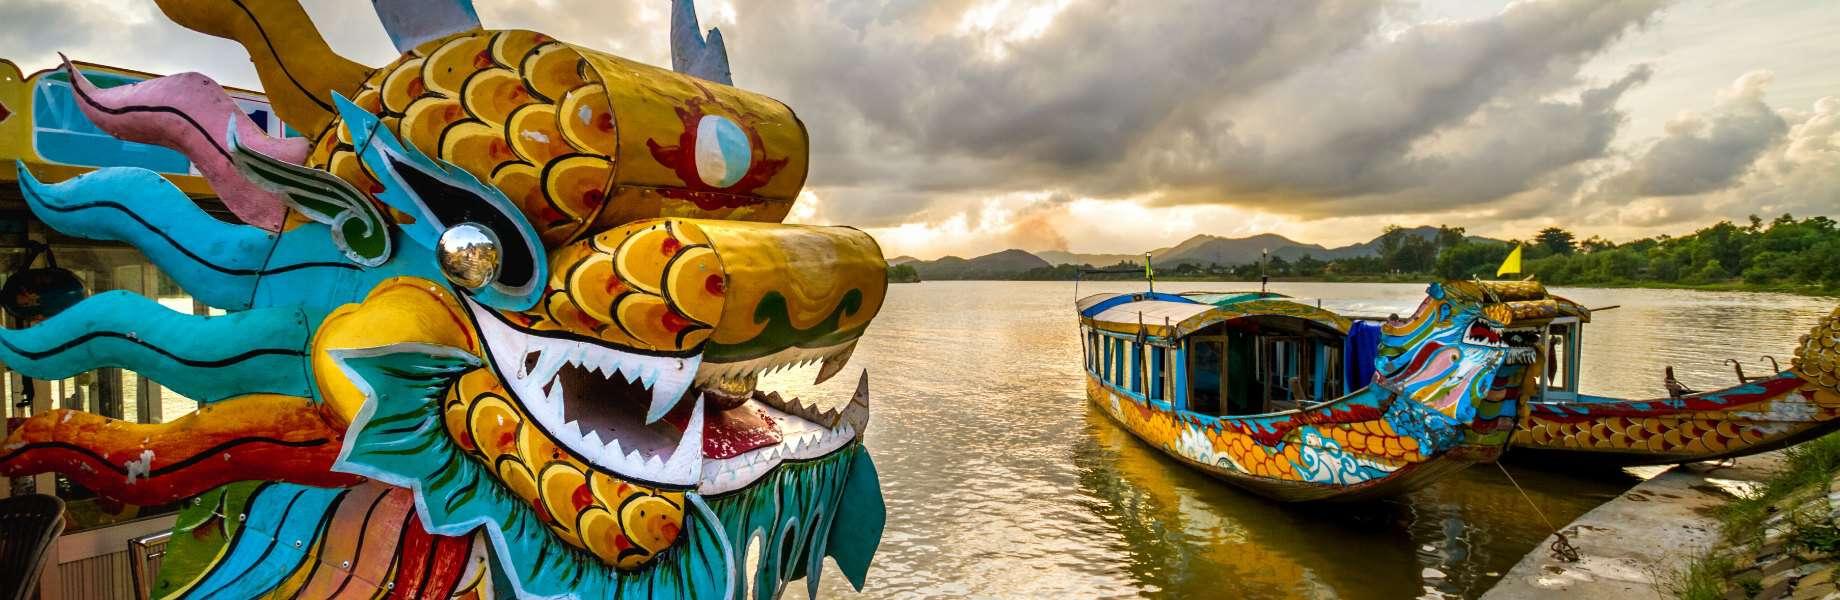 Explore Vietnam - Dragon Boat At Hue River